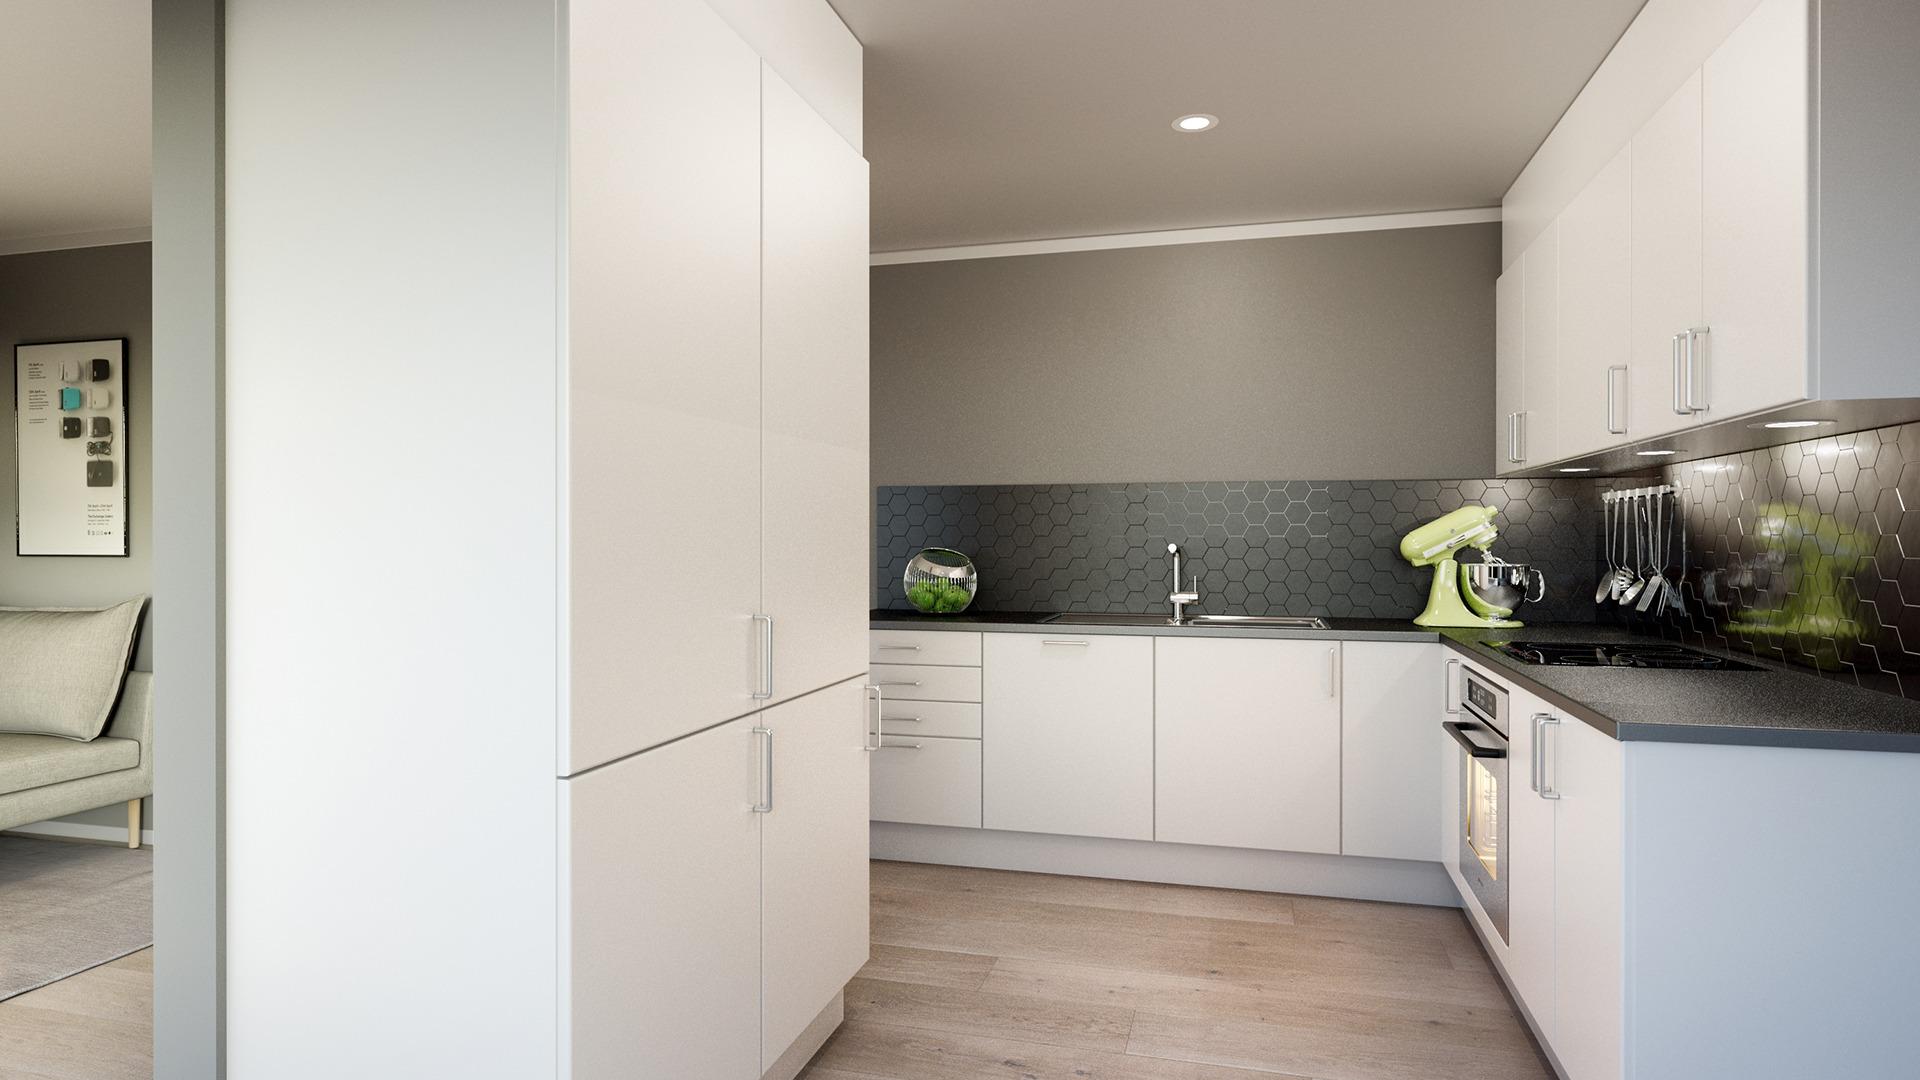 Åpen stue- og kjøkkenløsning med høyskap som skille